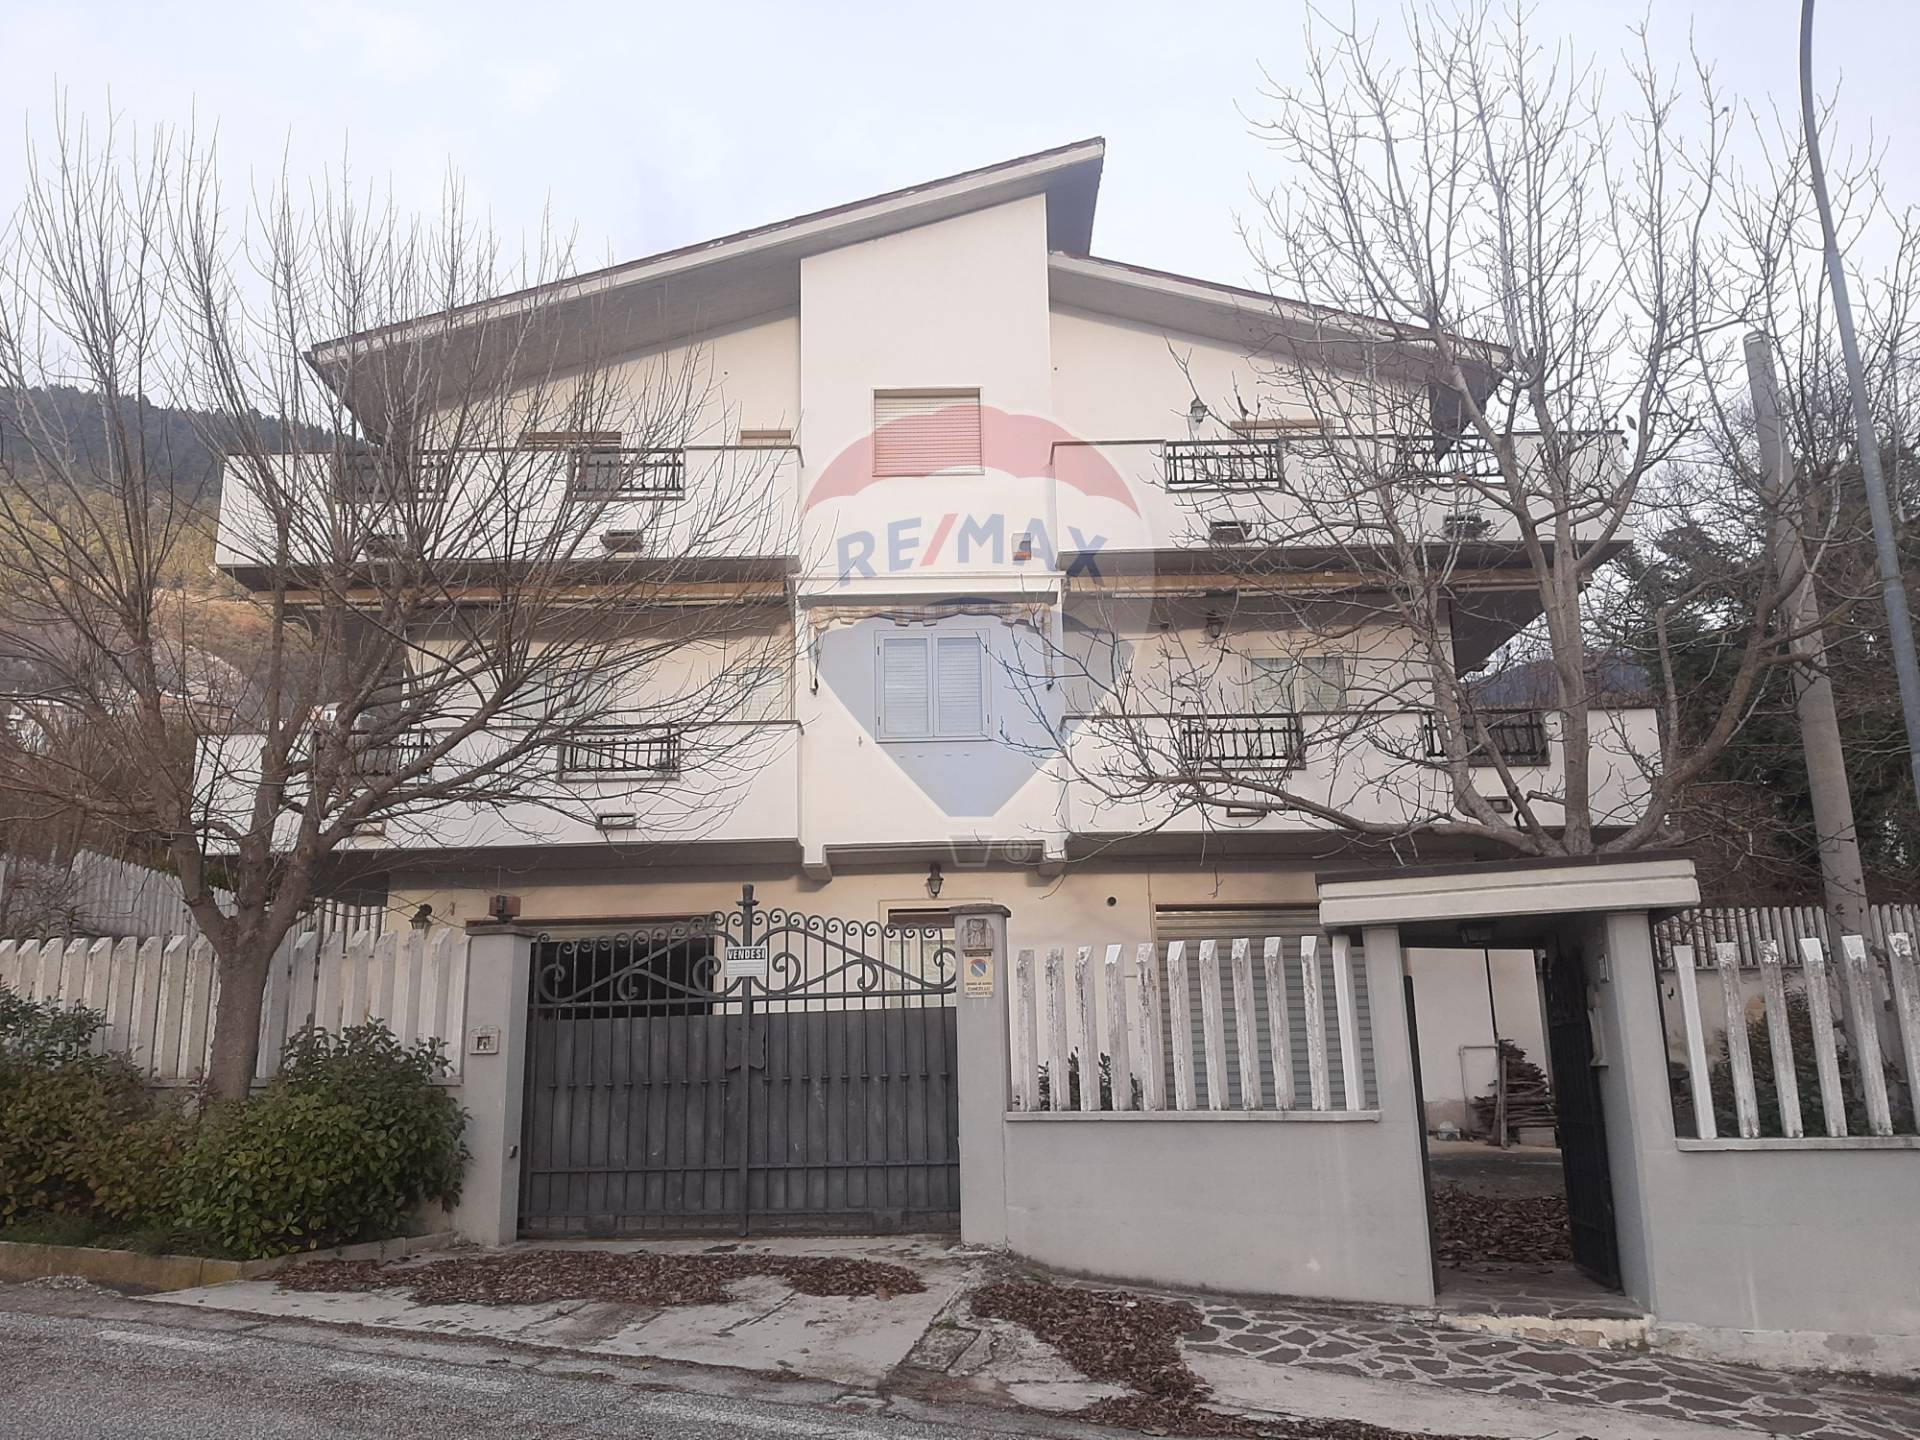 Soluzione Indipendente in vendita a Roccacasale, 15 locali, prezzo € 249.000 | CambioCasa.it